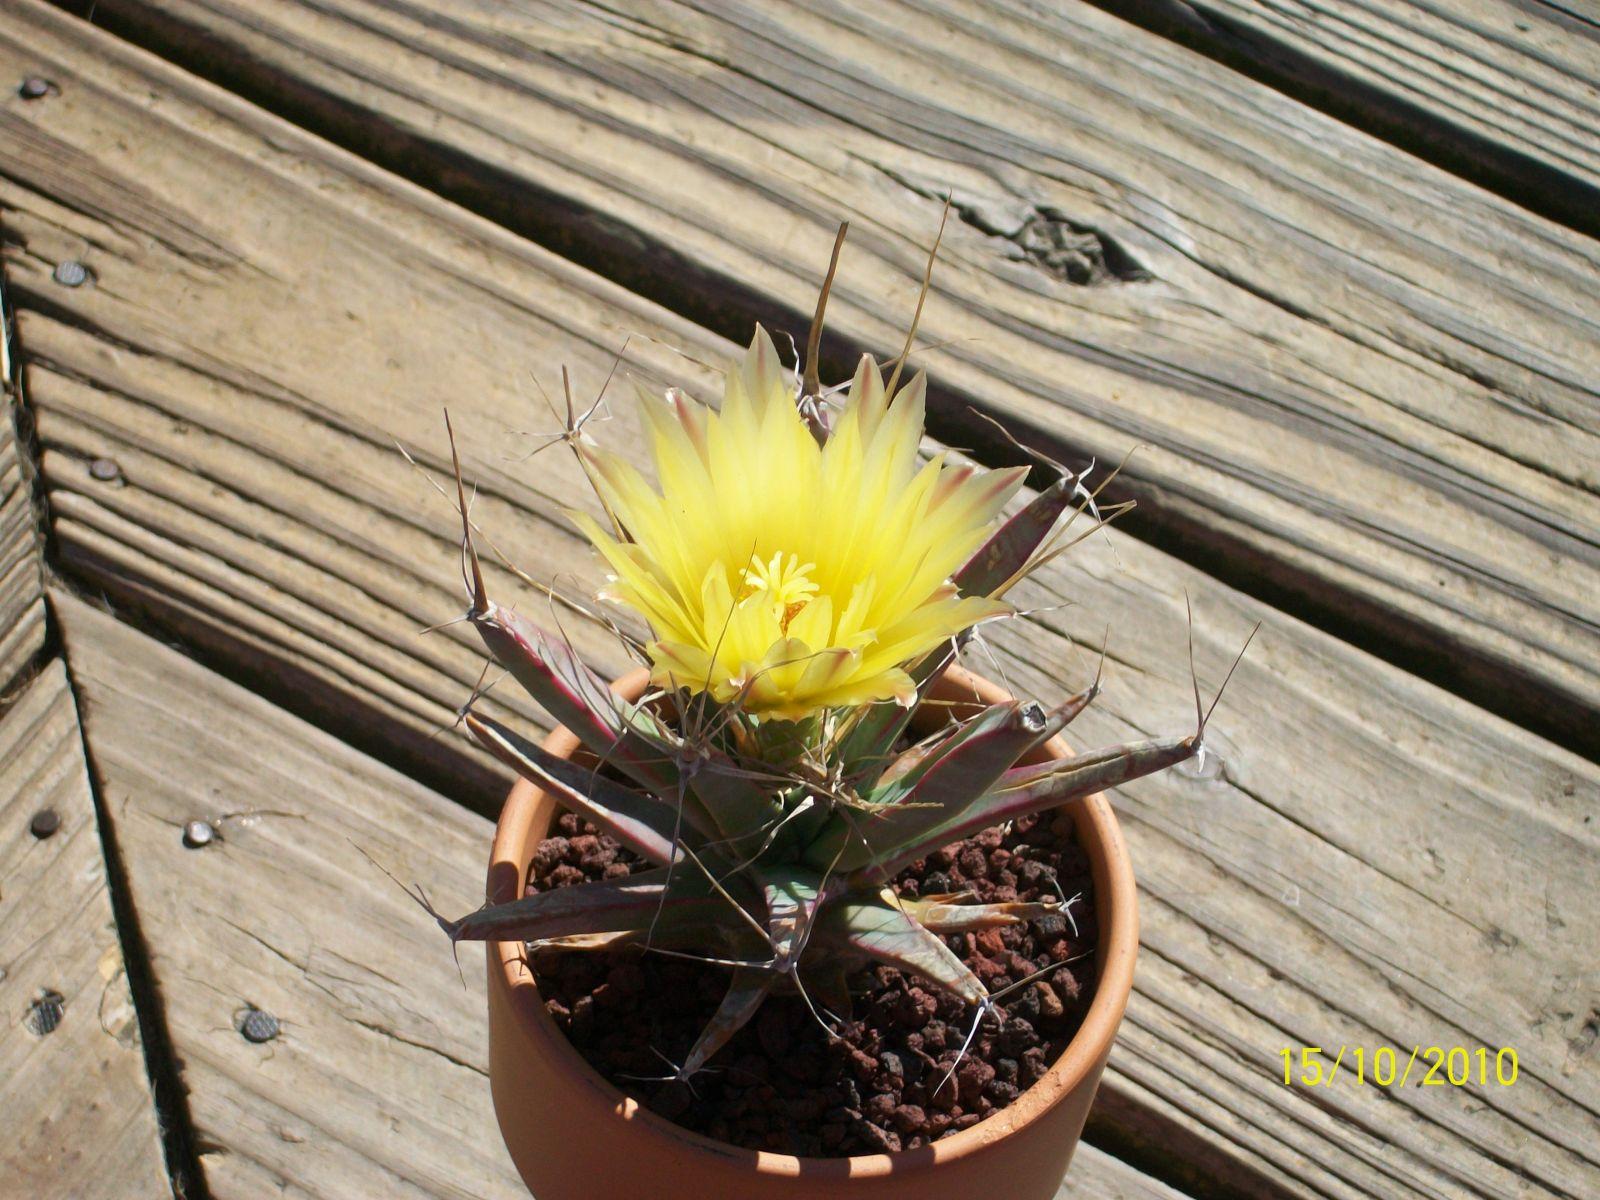 Cactus bloom 013